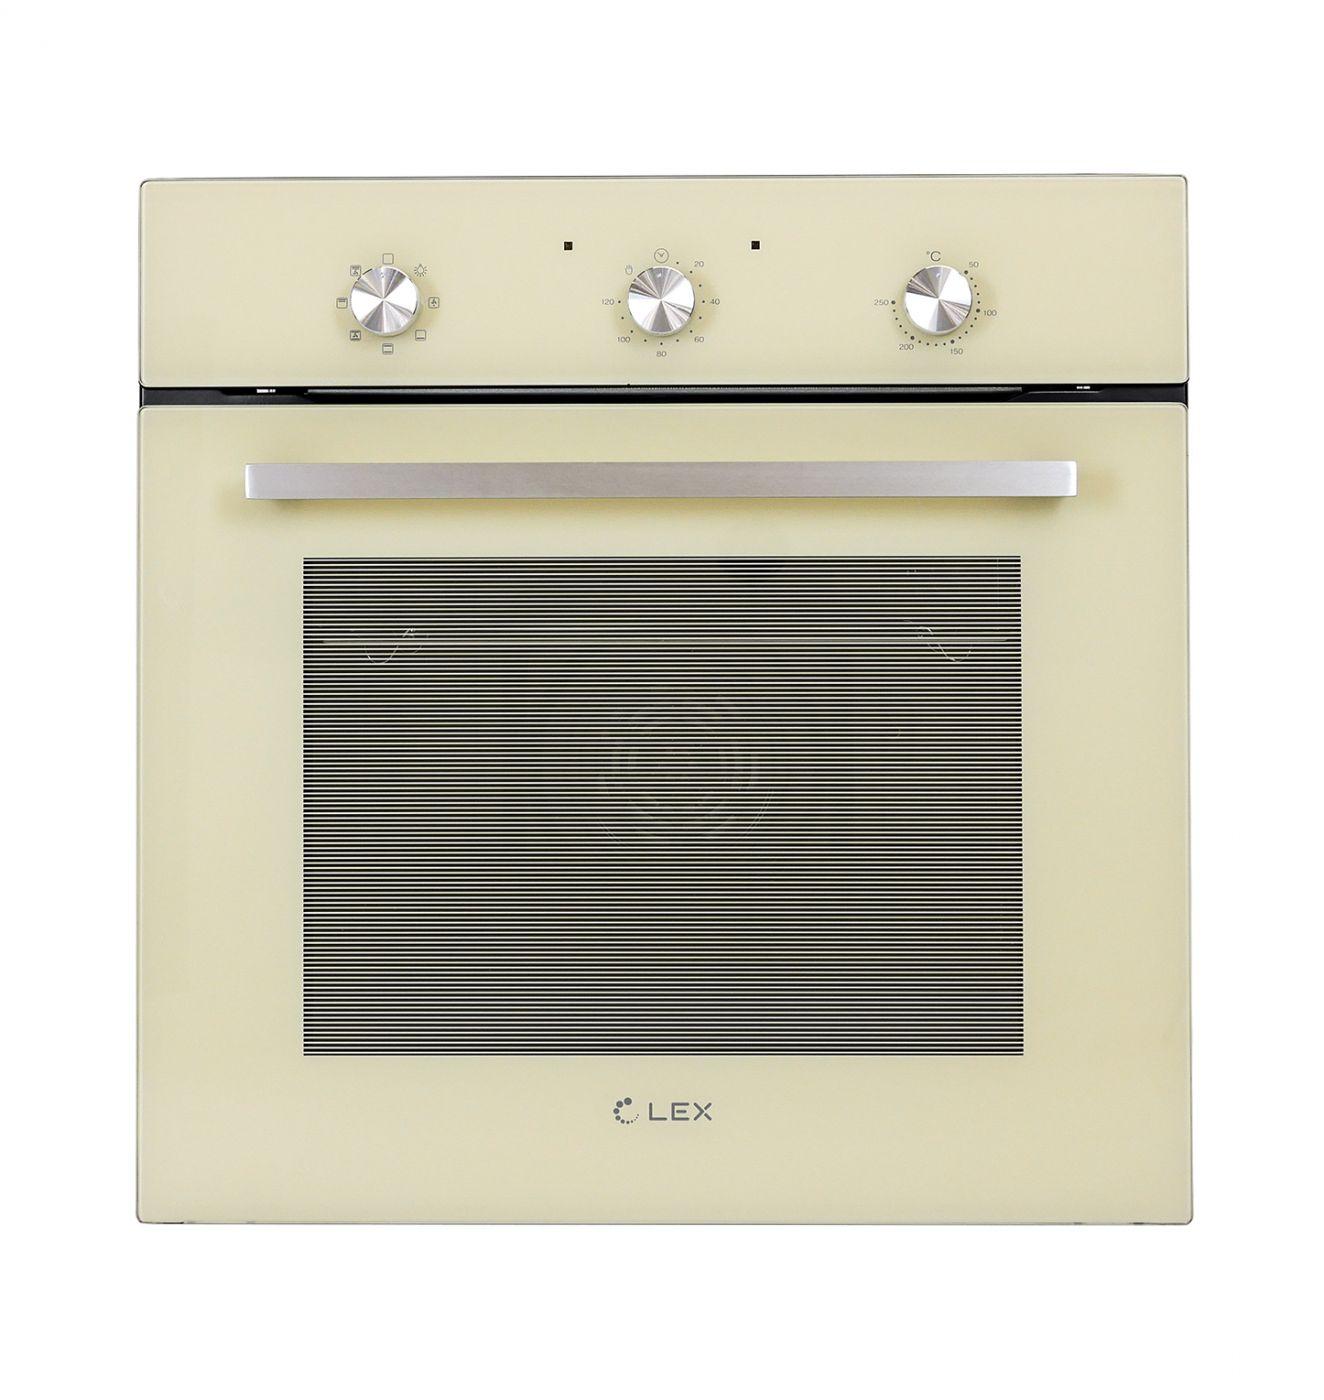 Электрический духовой шкаф LEX EDM 070 IV (CHAO000312)